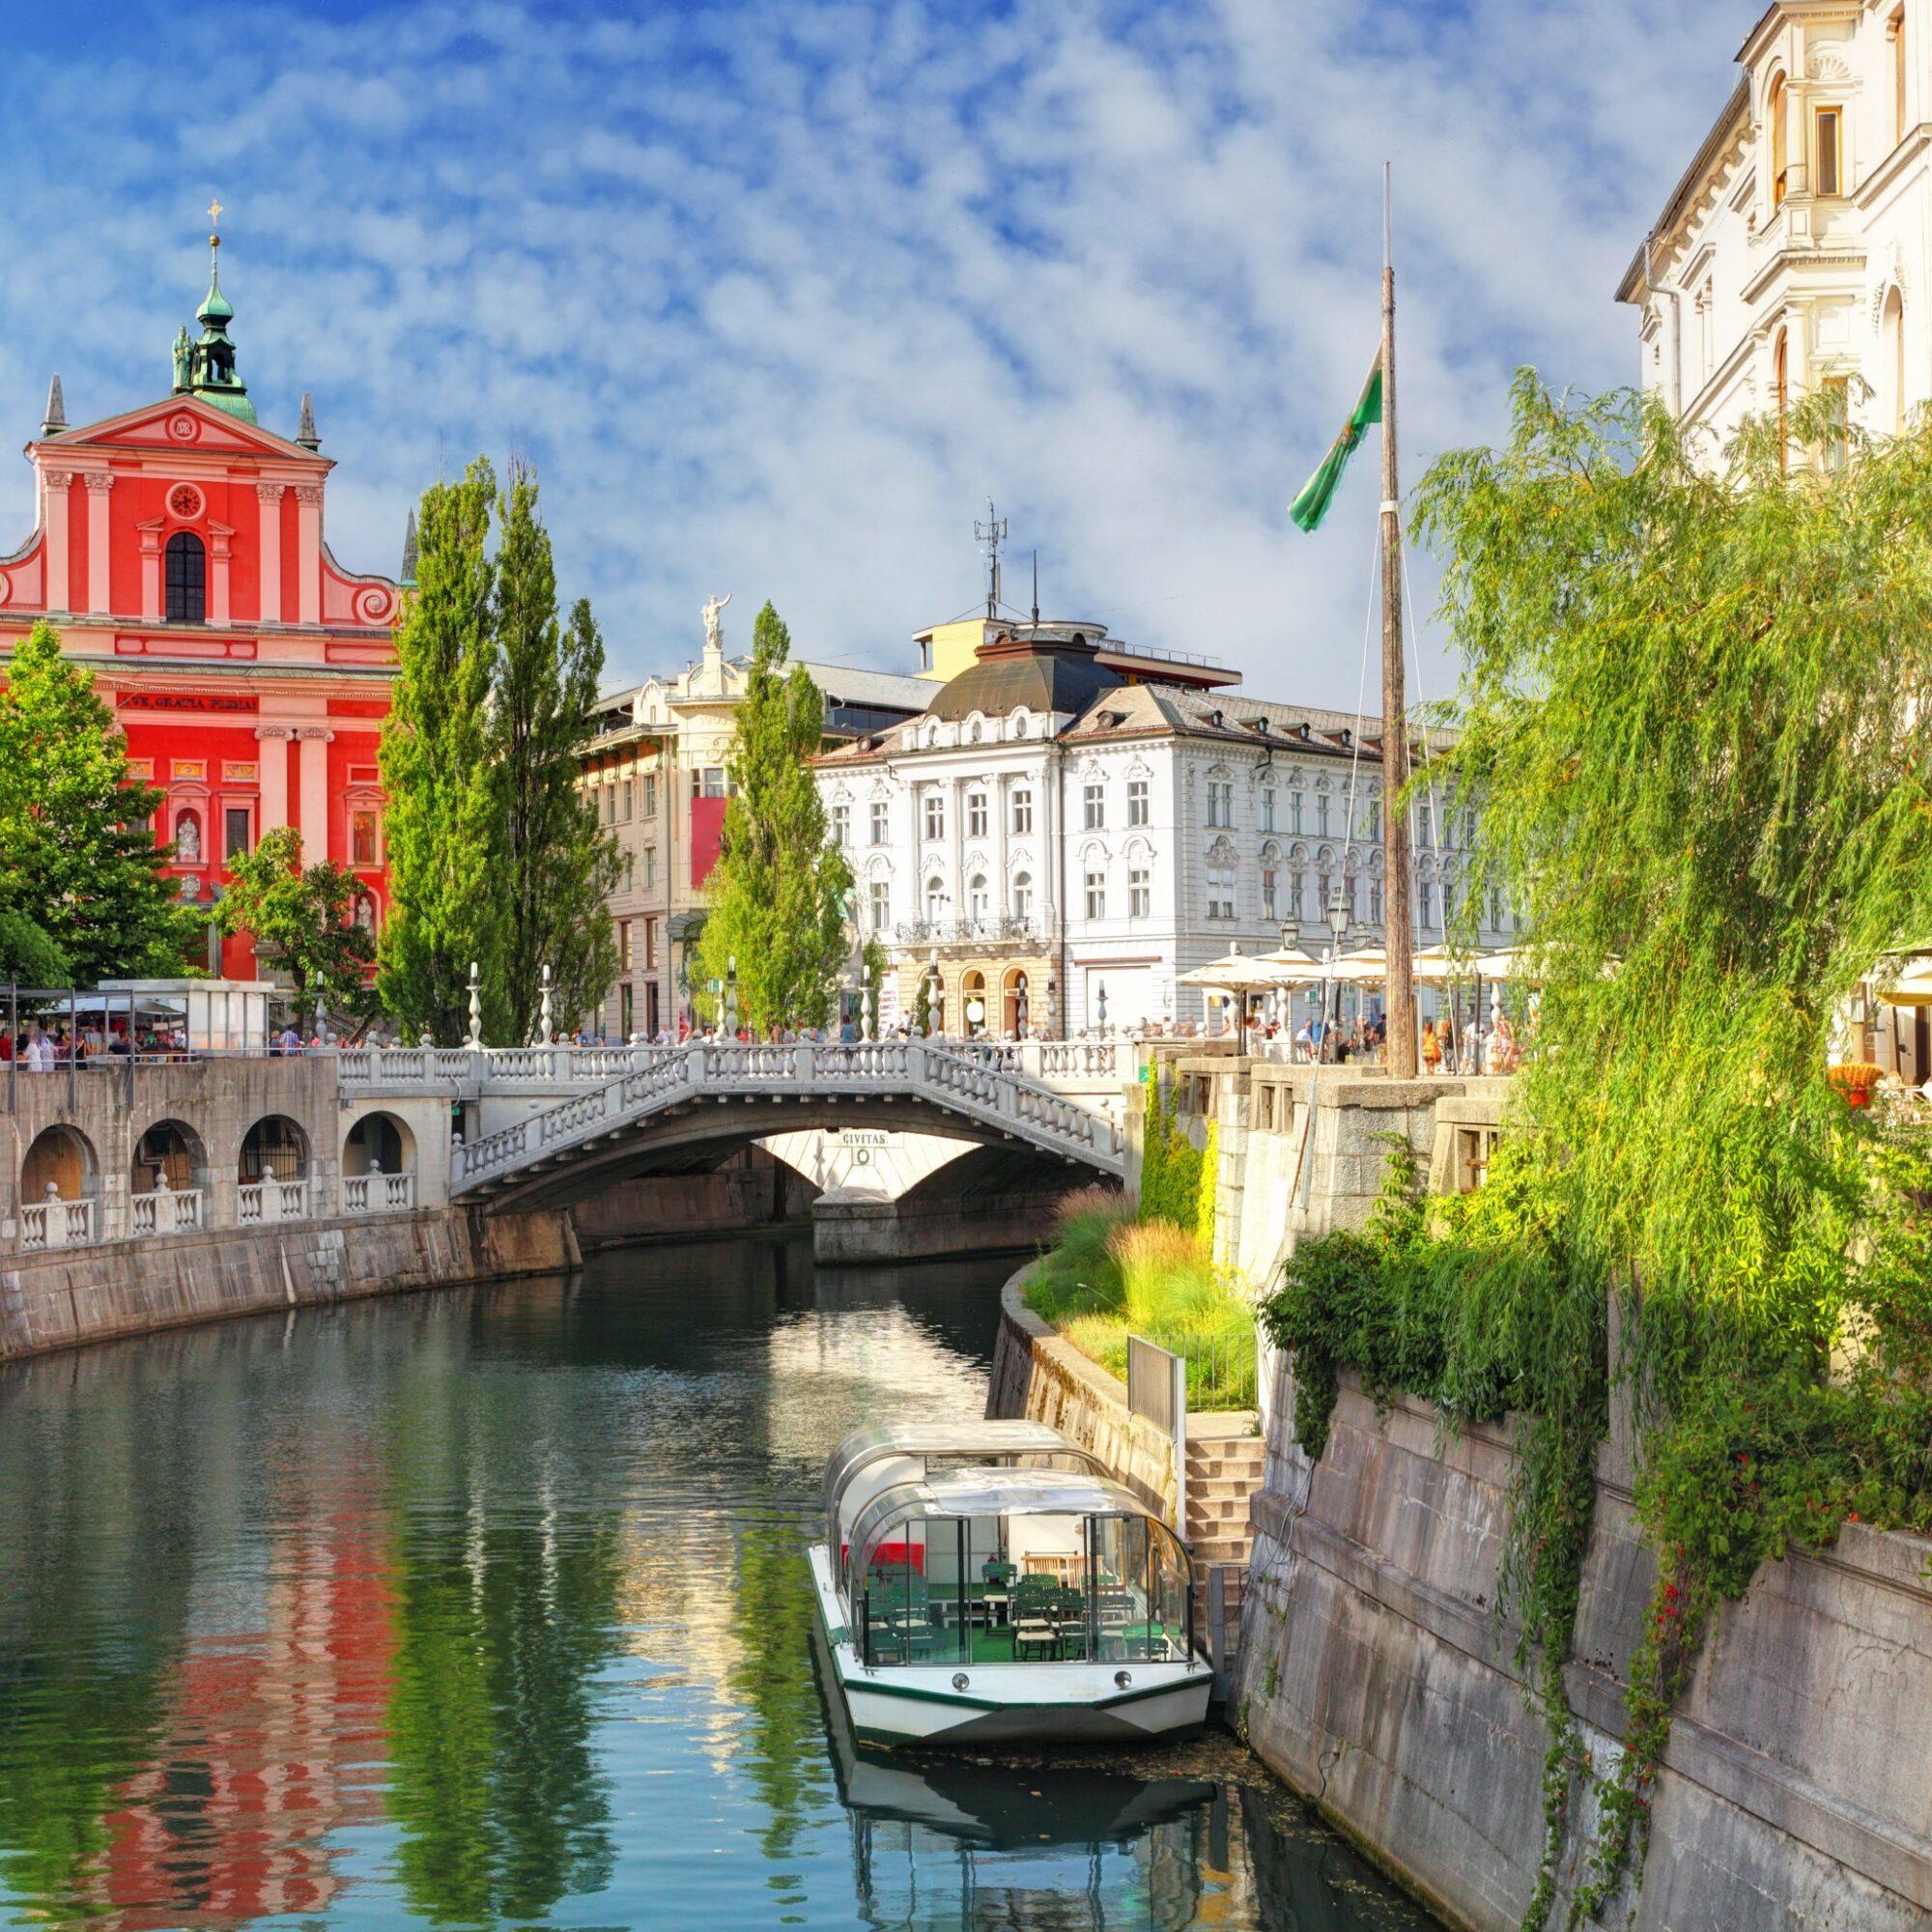 Canal views in Ljubljana, Slovenia.